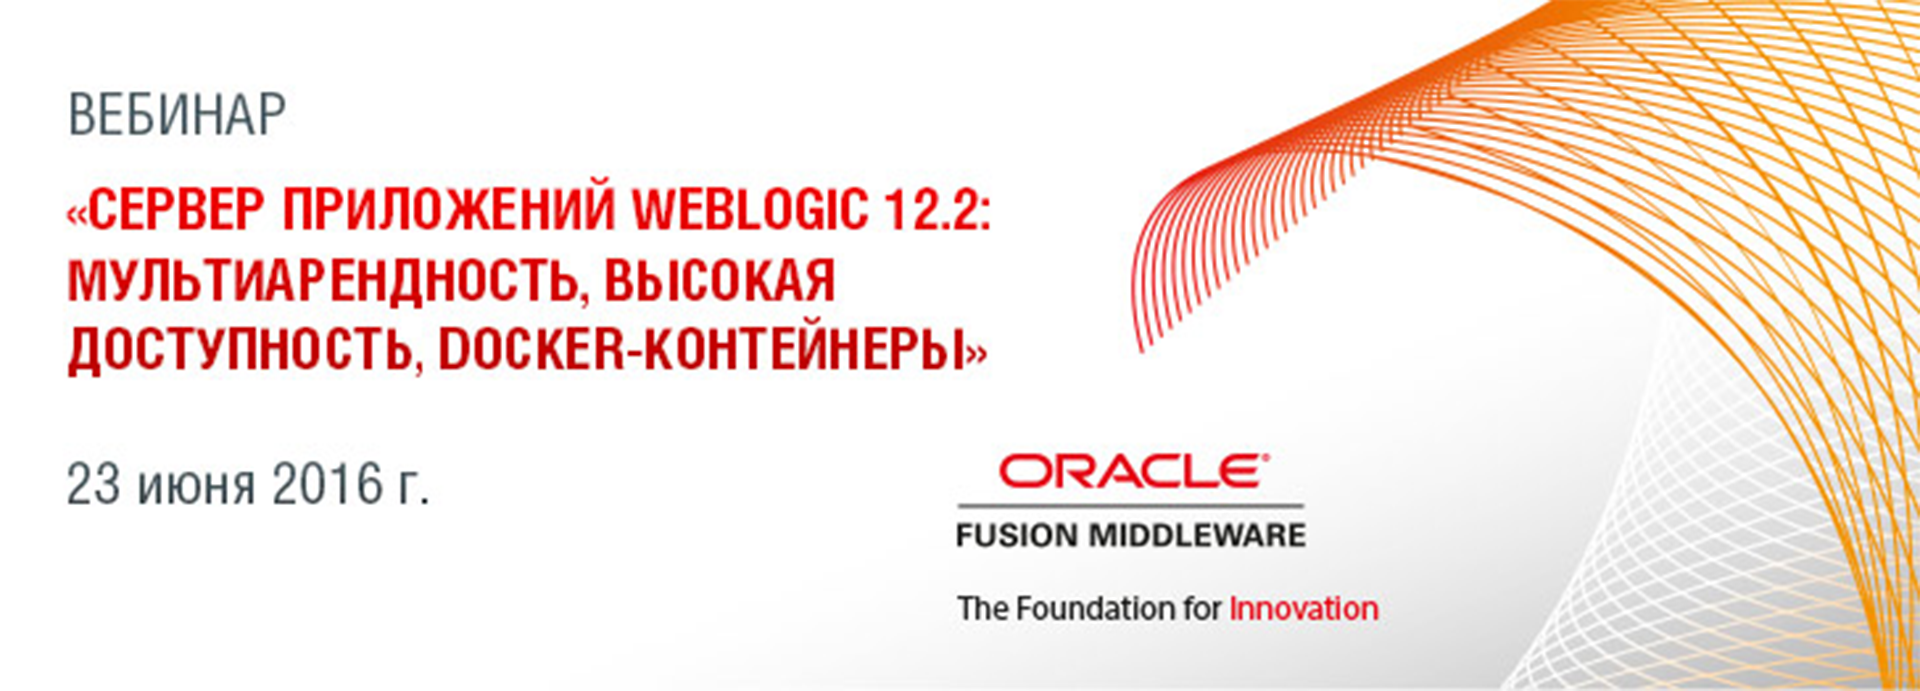 Бесплатный вебинар «Сервер приложений WebLogic 12.2: мультиарендность, высо ...